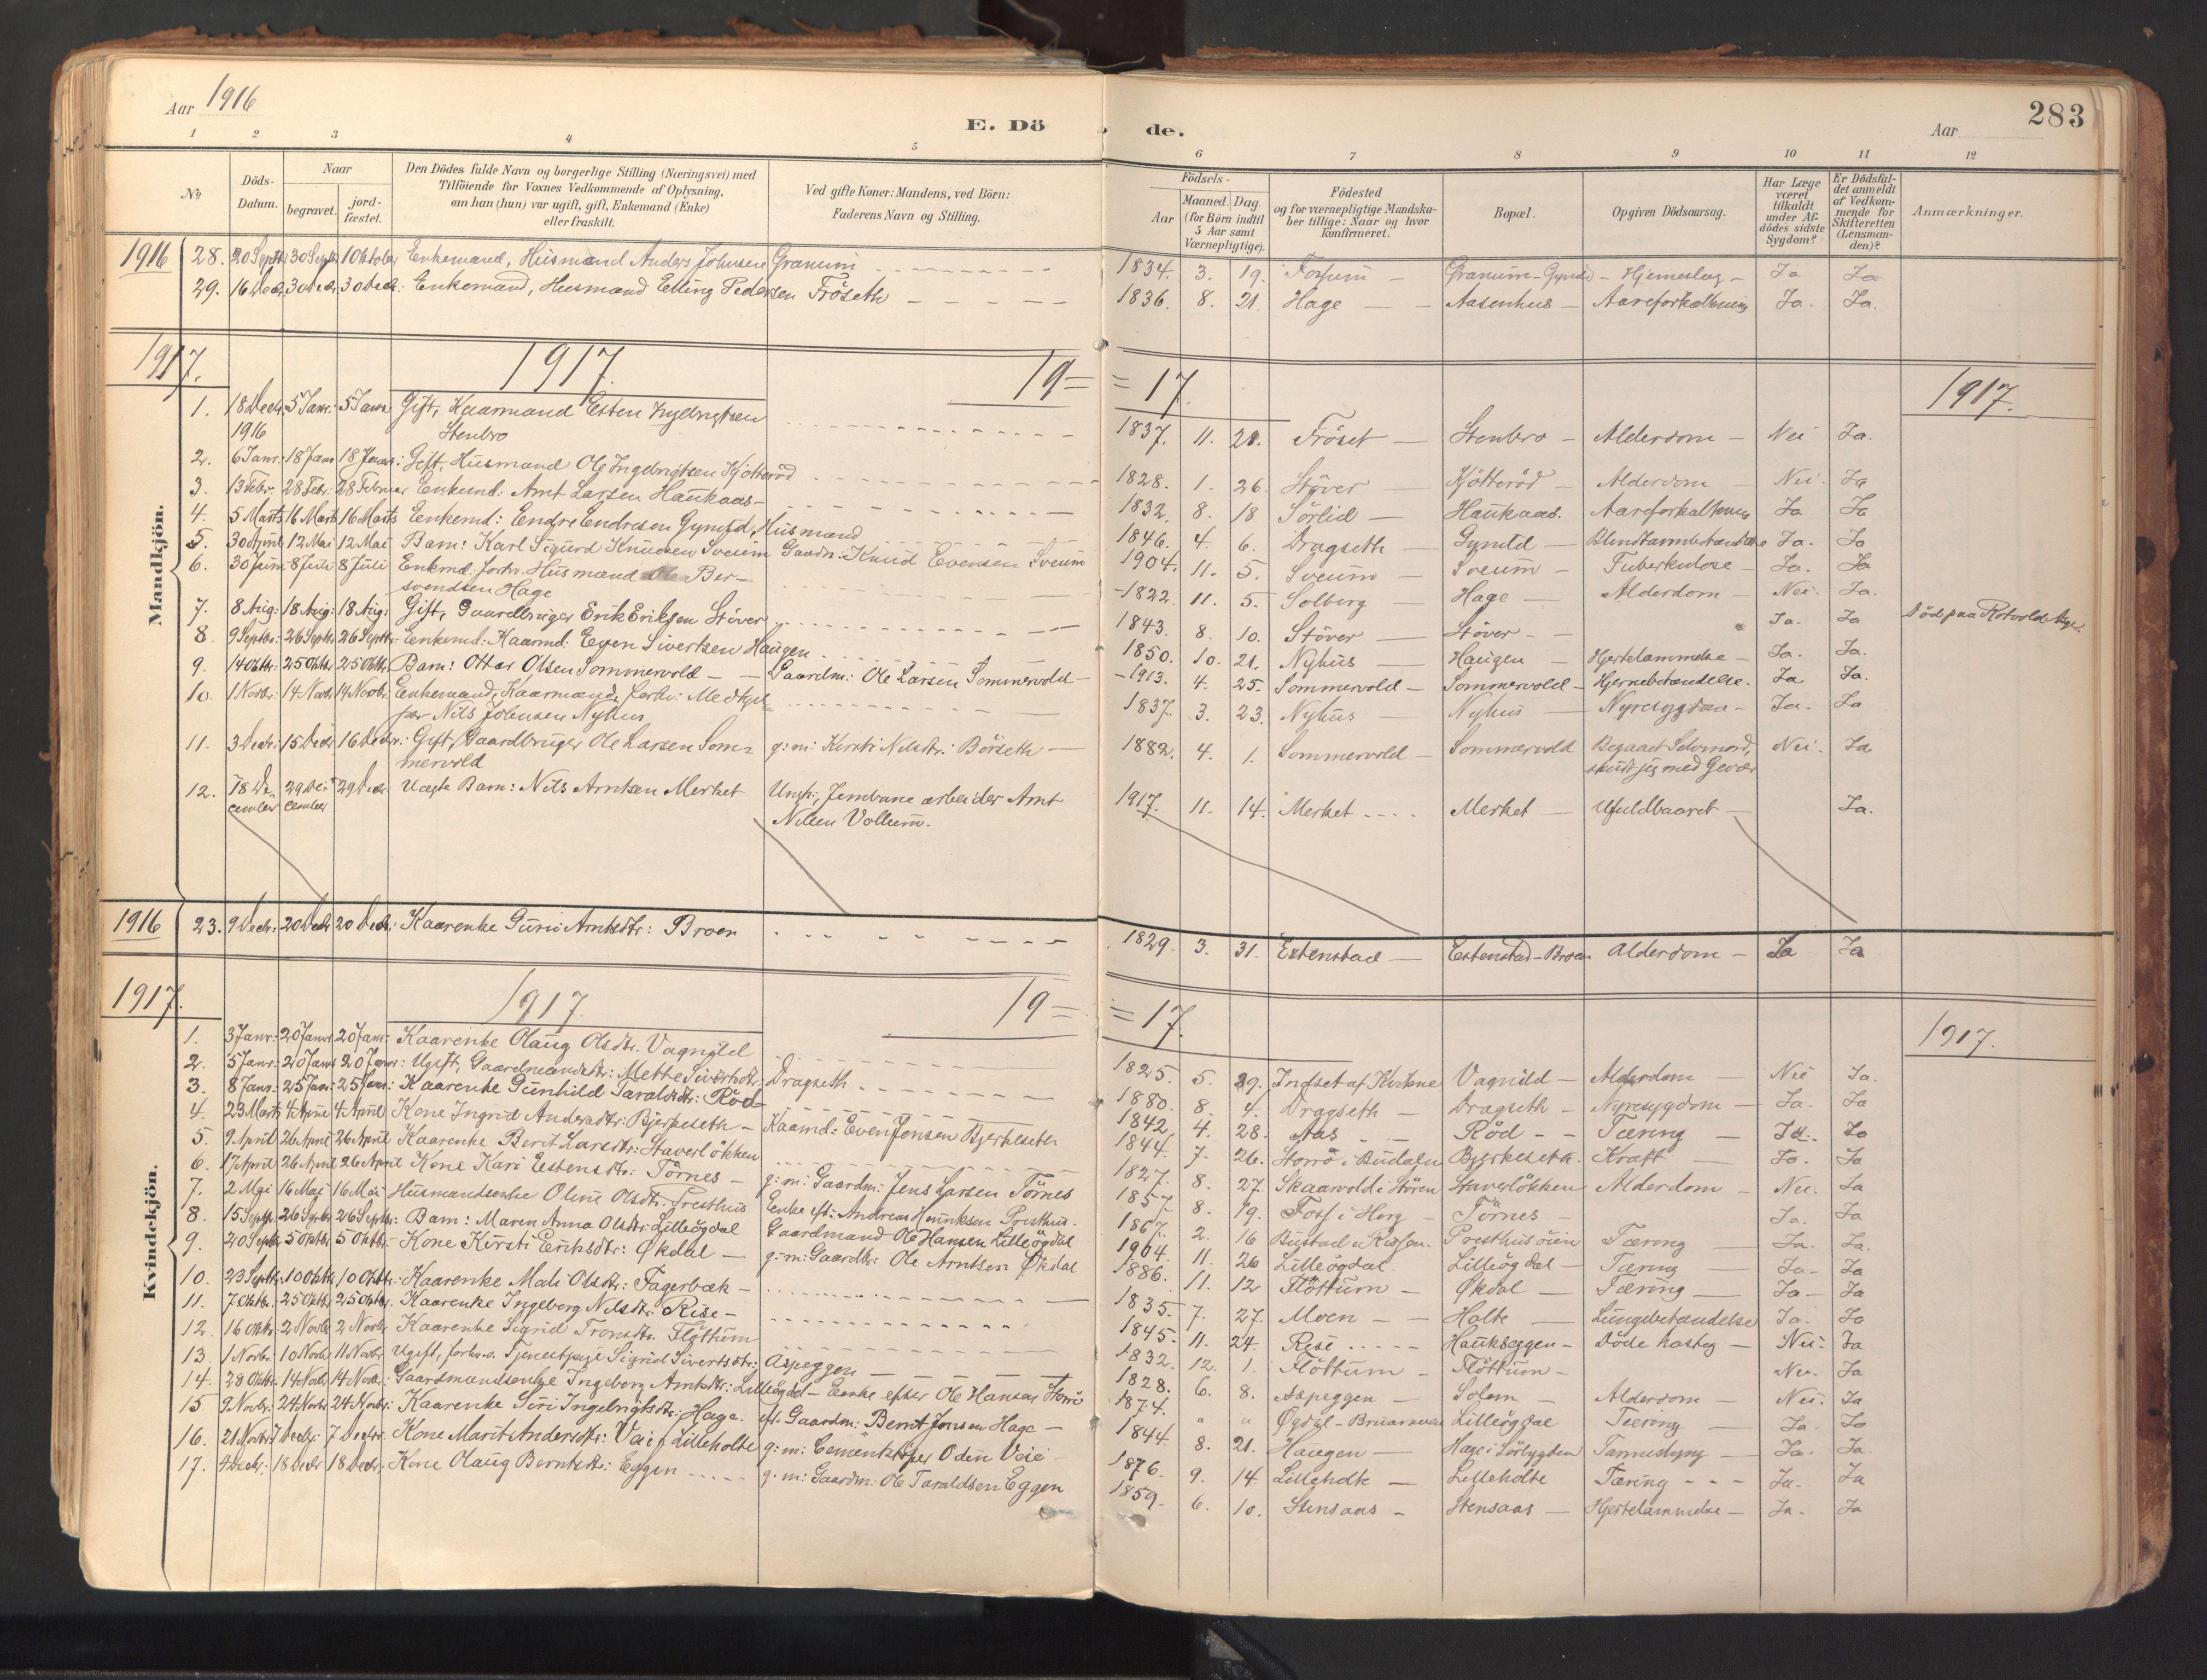 SAT, Ministerialprotokoller, klokkerbøker og fødselsregistre - Sør-Trøndelag, 689/L1041: Ministerialbok nr. 689A06, 1891-1923, s. 283